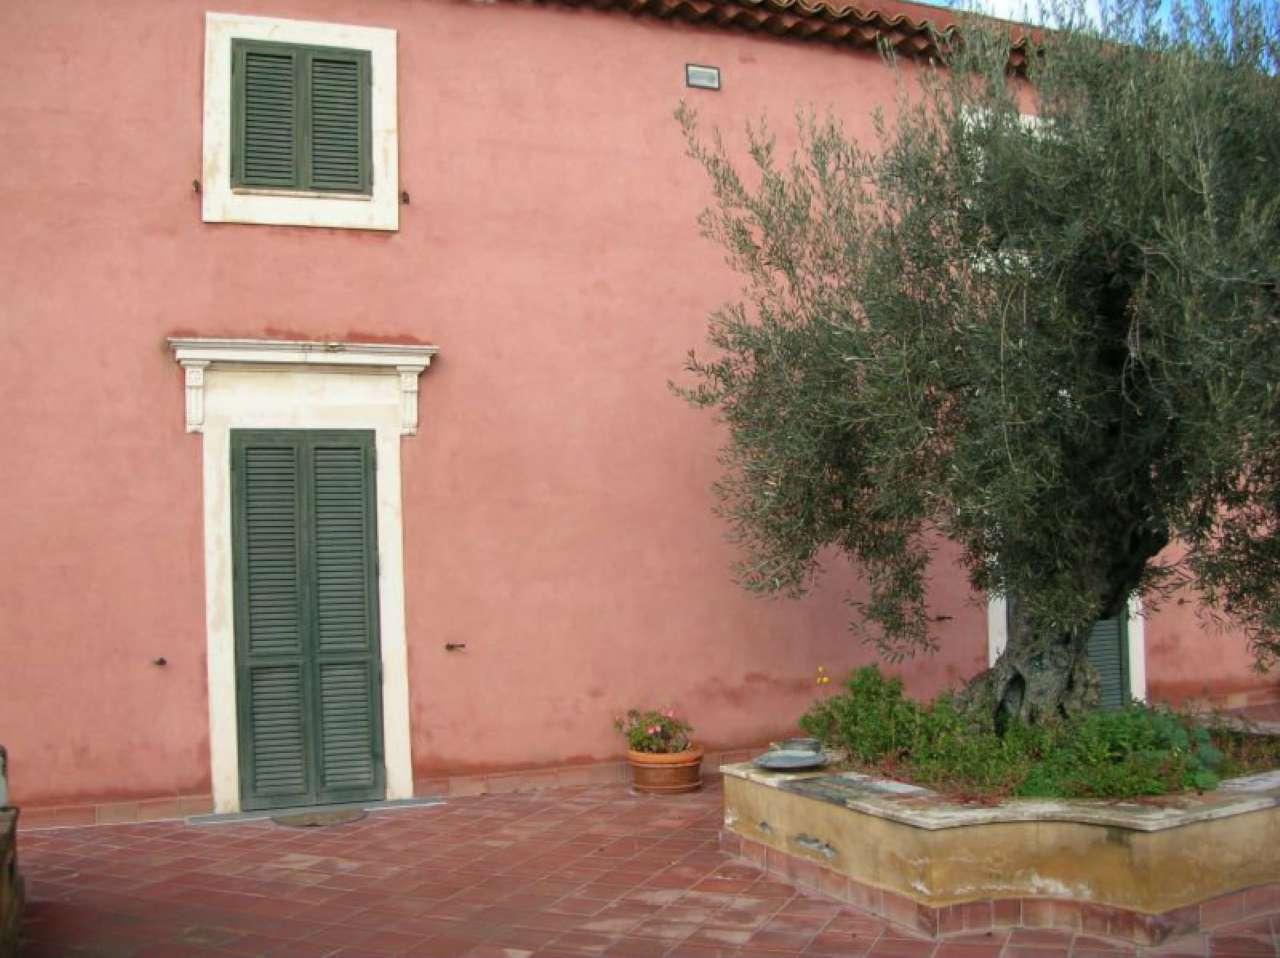 Villa in vendita a Misterbianco, 9999 locali, Trattative riservate | Cambio Casa.it